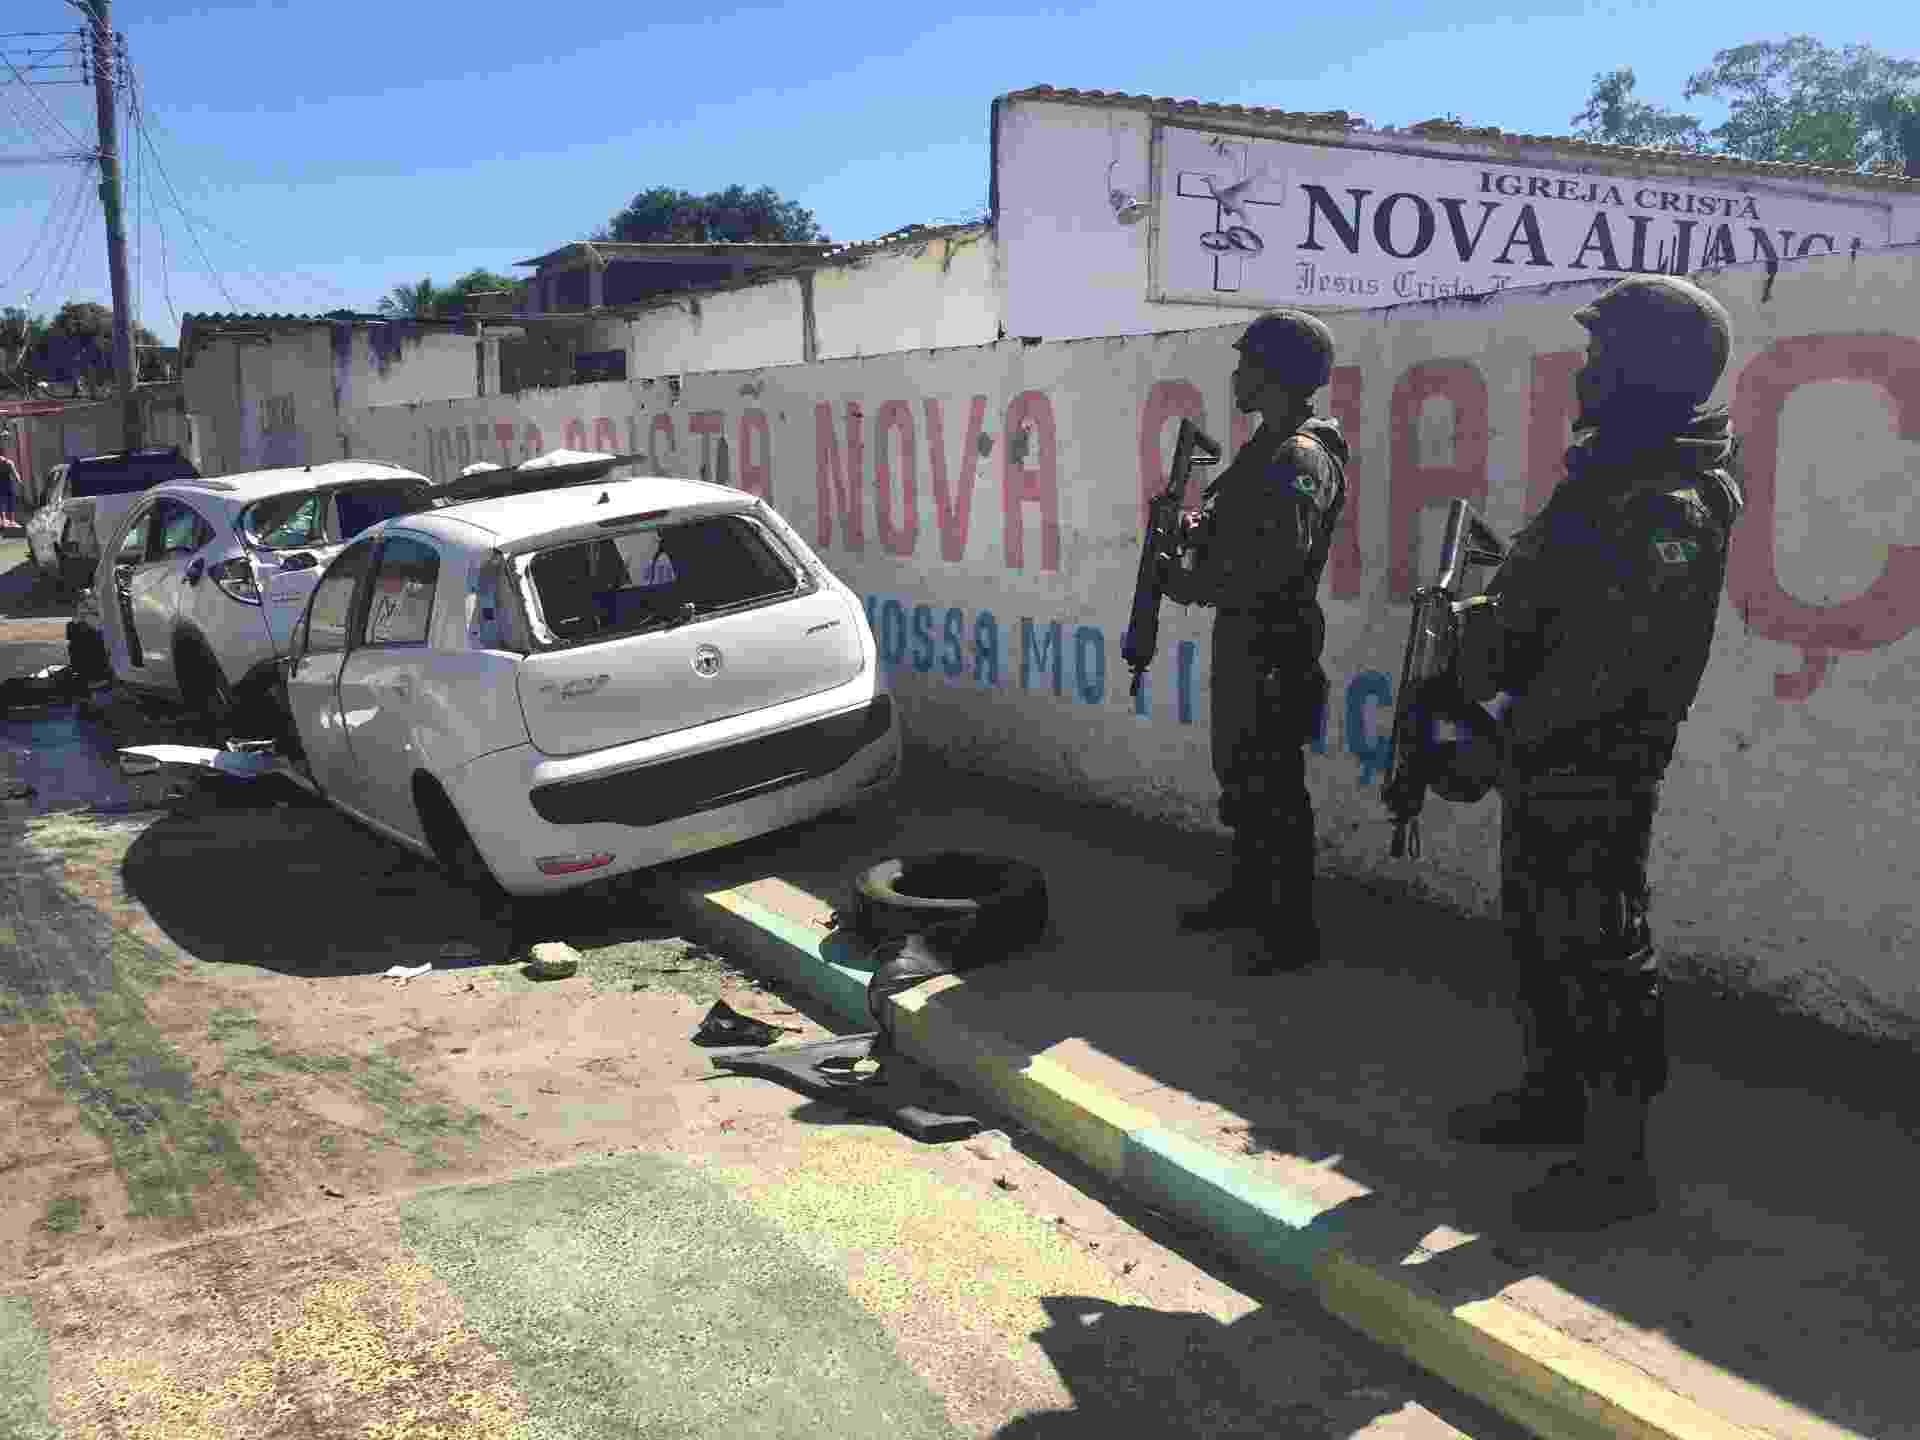 14.ago.2018 - Militares vigiam rua na favela de Antares, em Santa Cruz, zona oeste do Rio - Luis Kawaguti / UOL